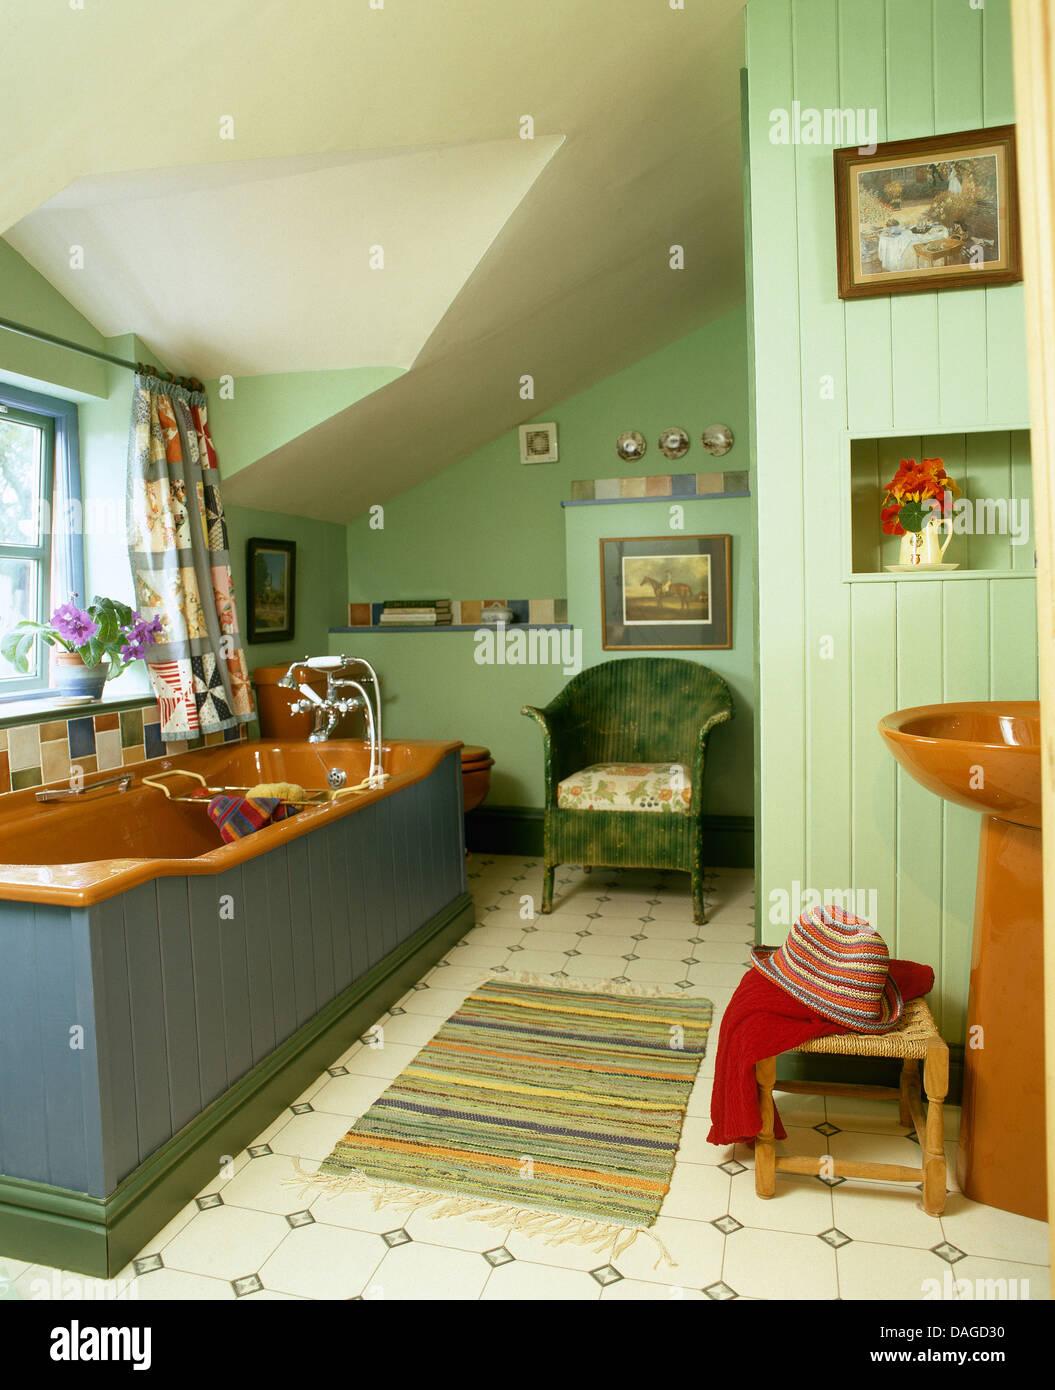 Bain de couleur terre cuite et d\'un lavabo en vert pâle grenier ...